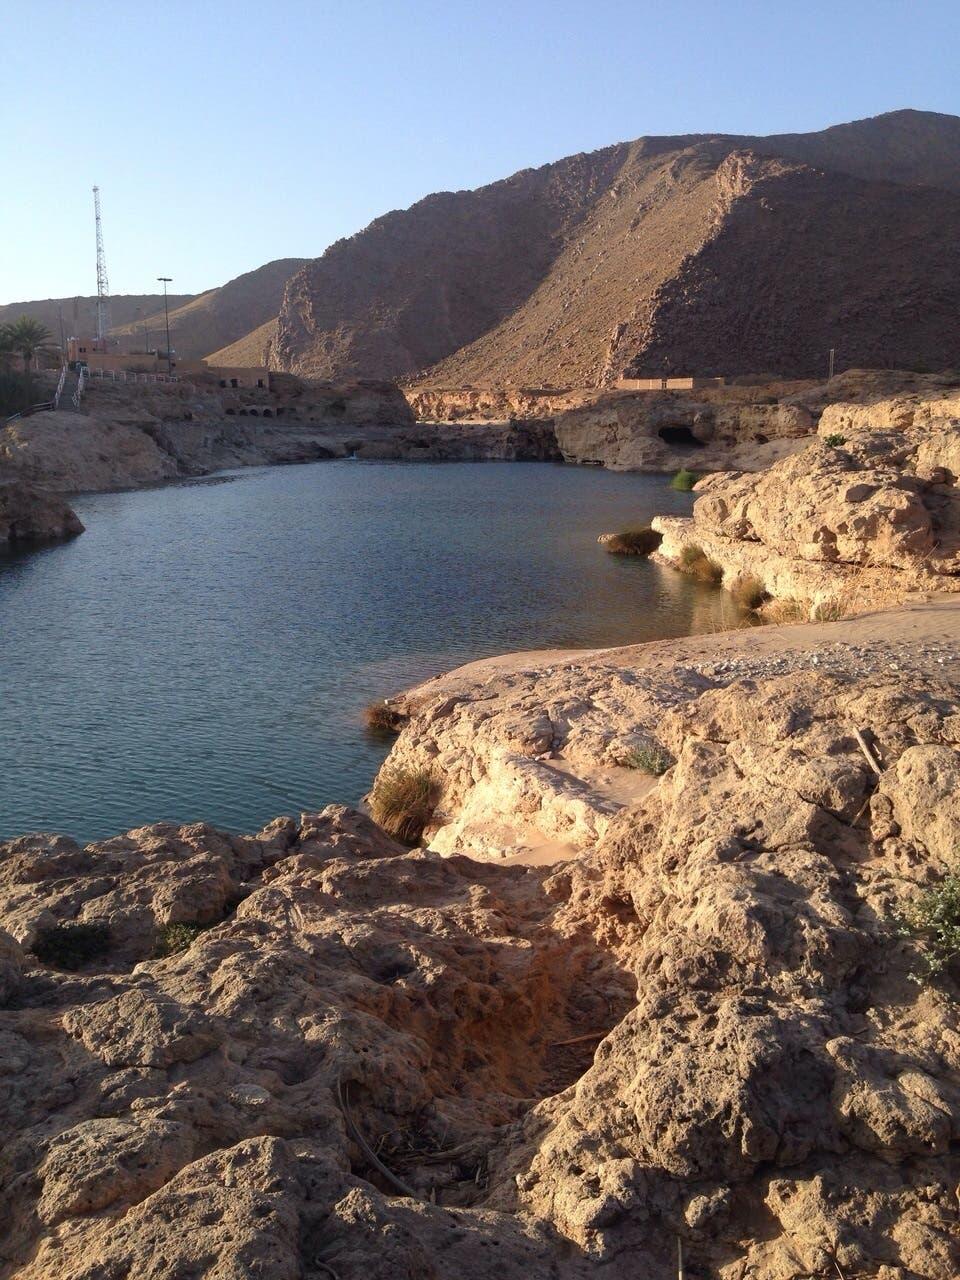 مشهد من مدينة طاطا المغربية